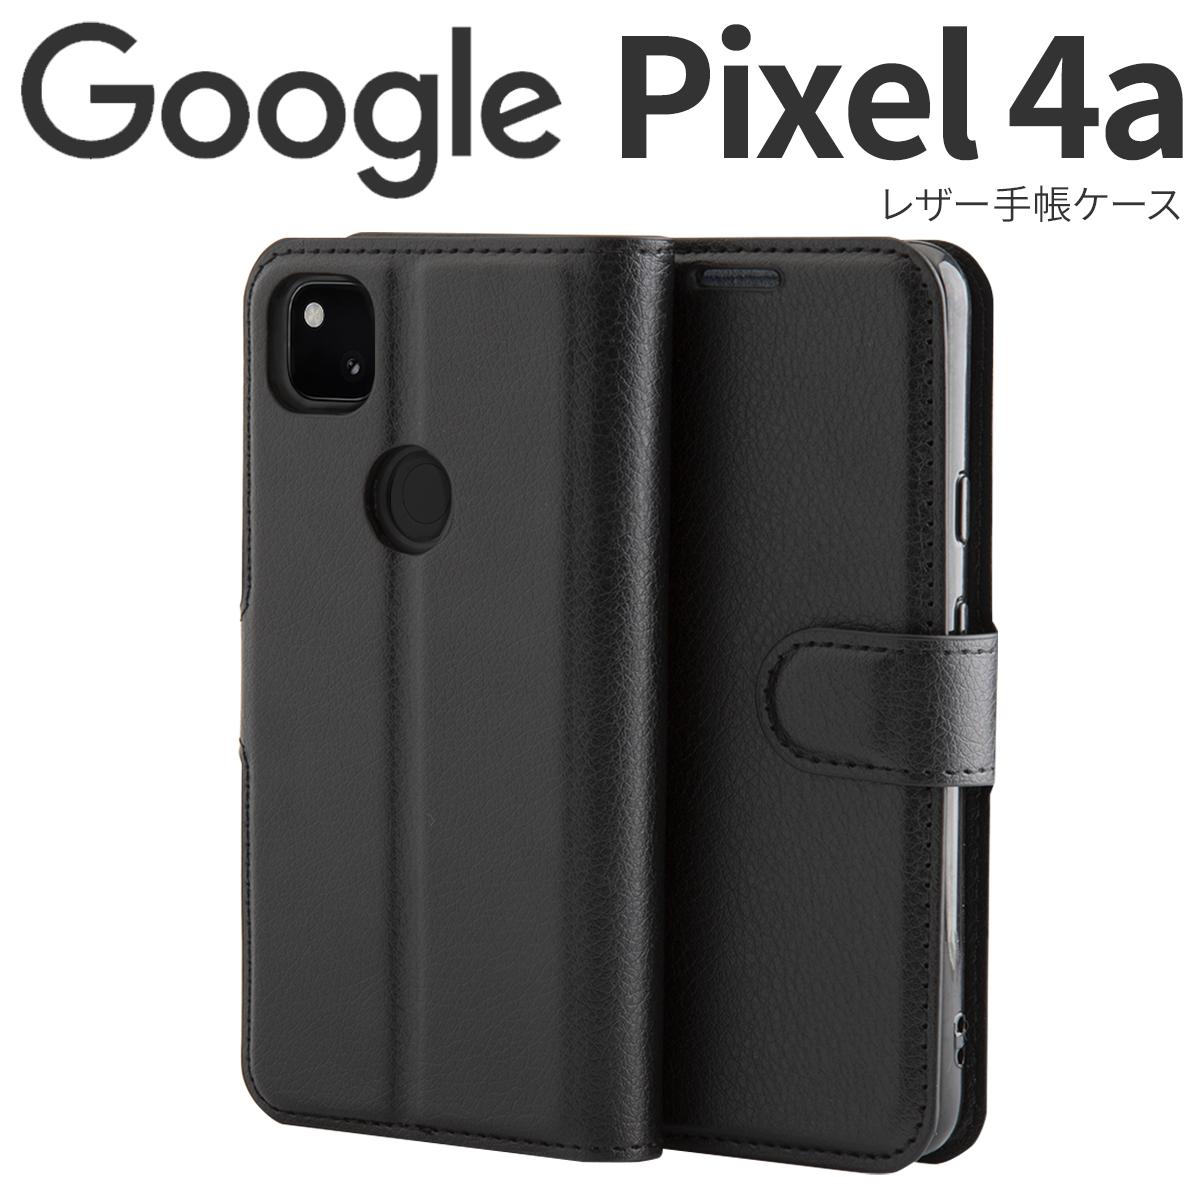 Google Pixel 4a レザー手帳型ケース